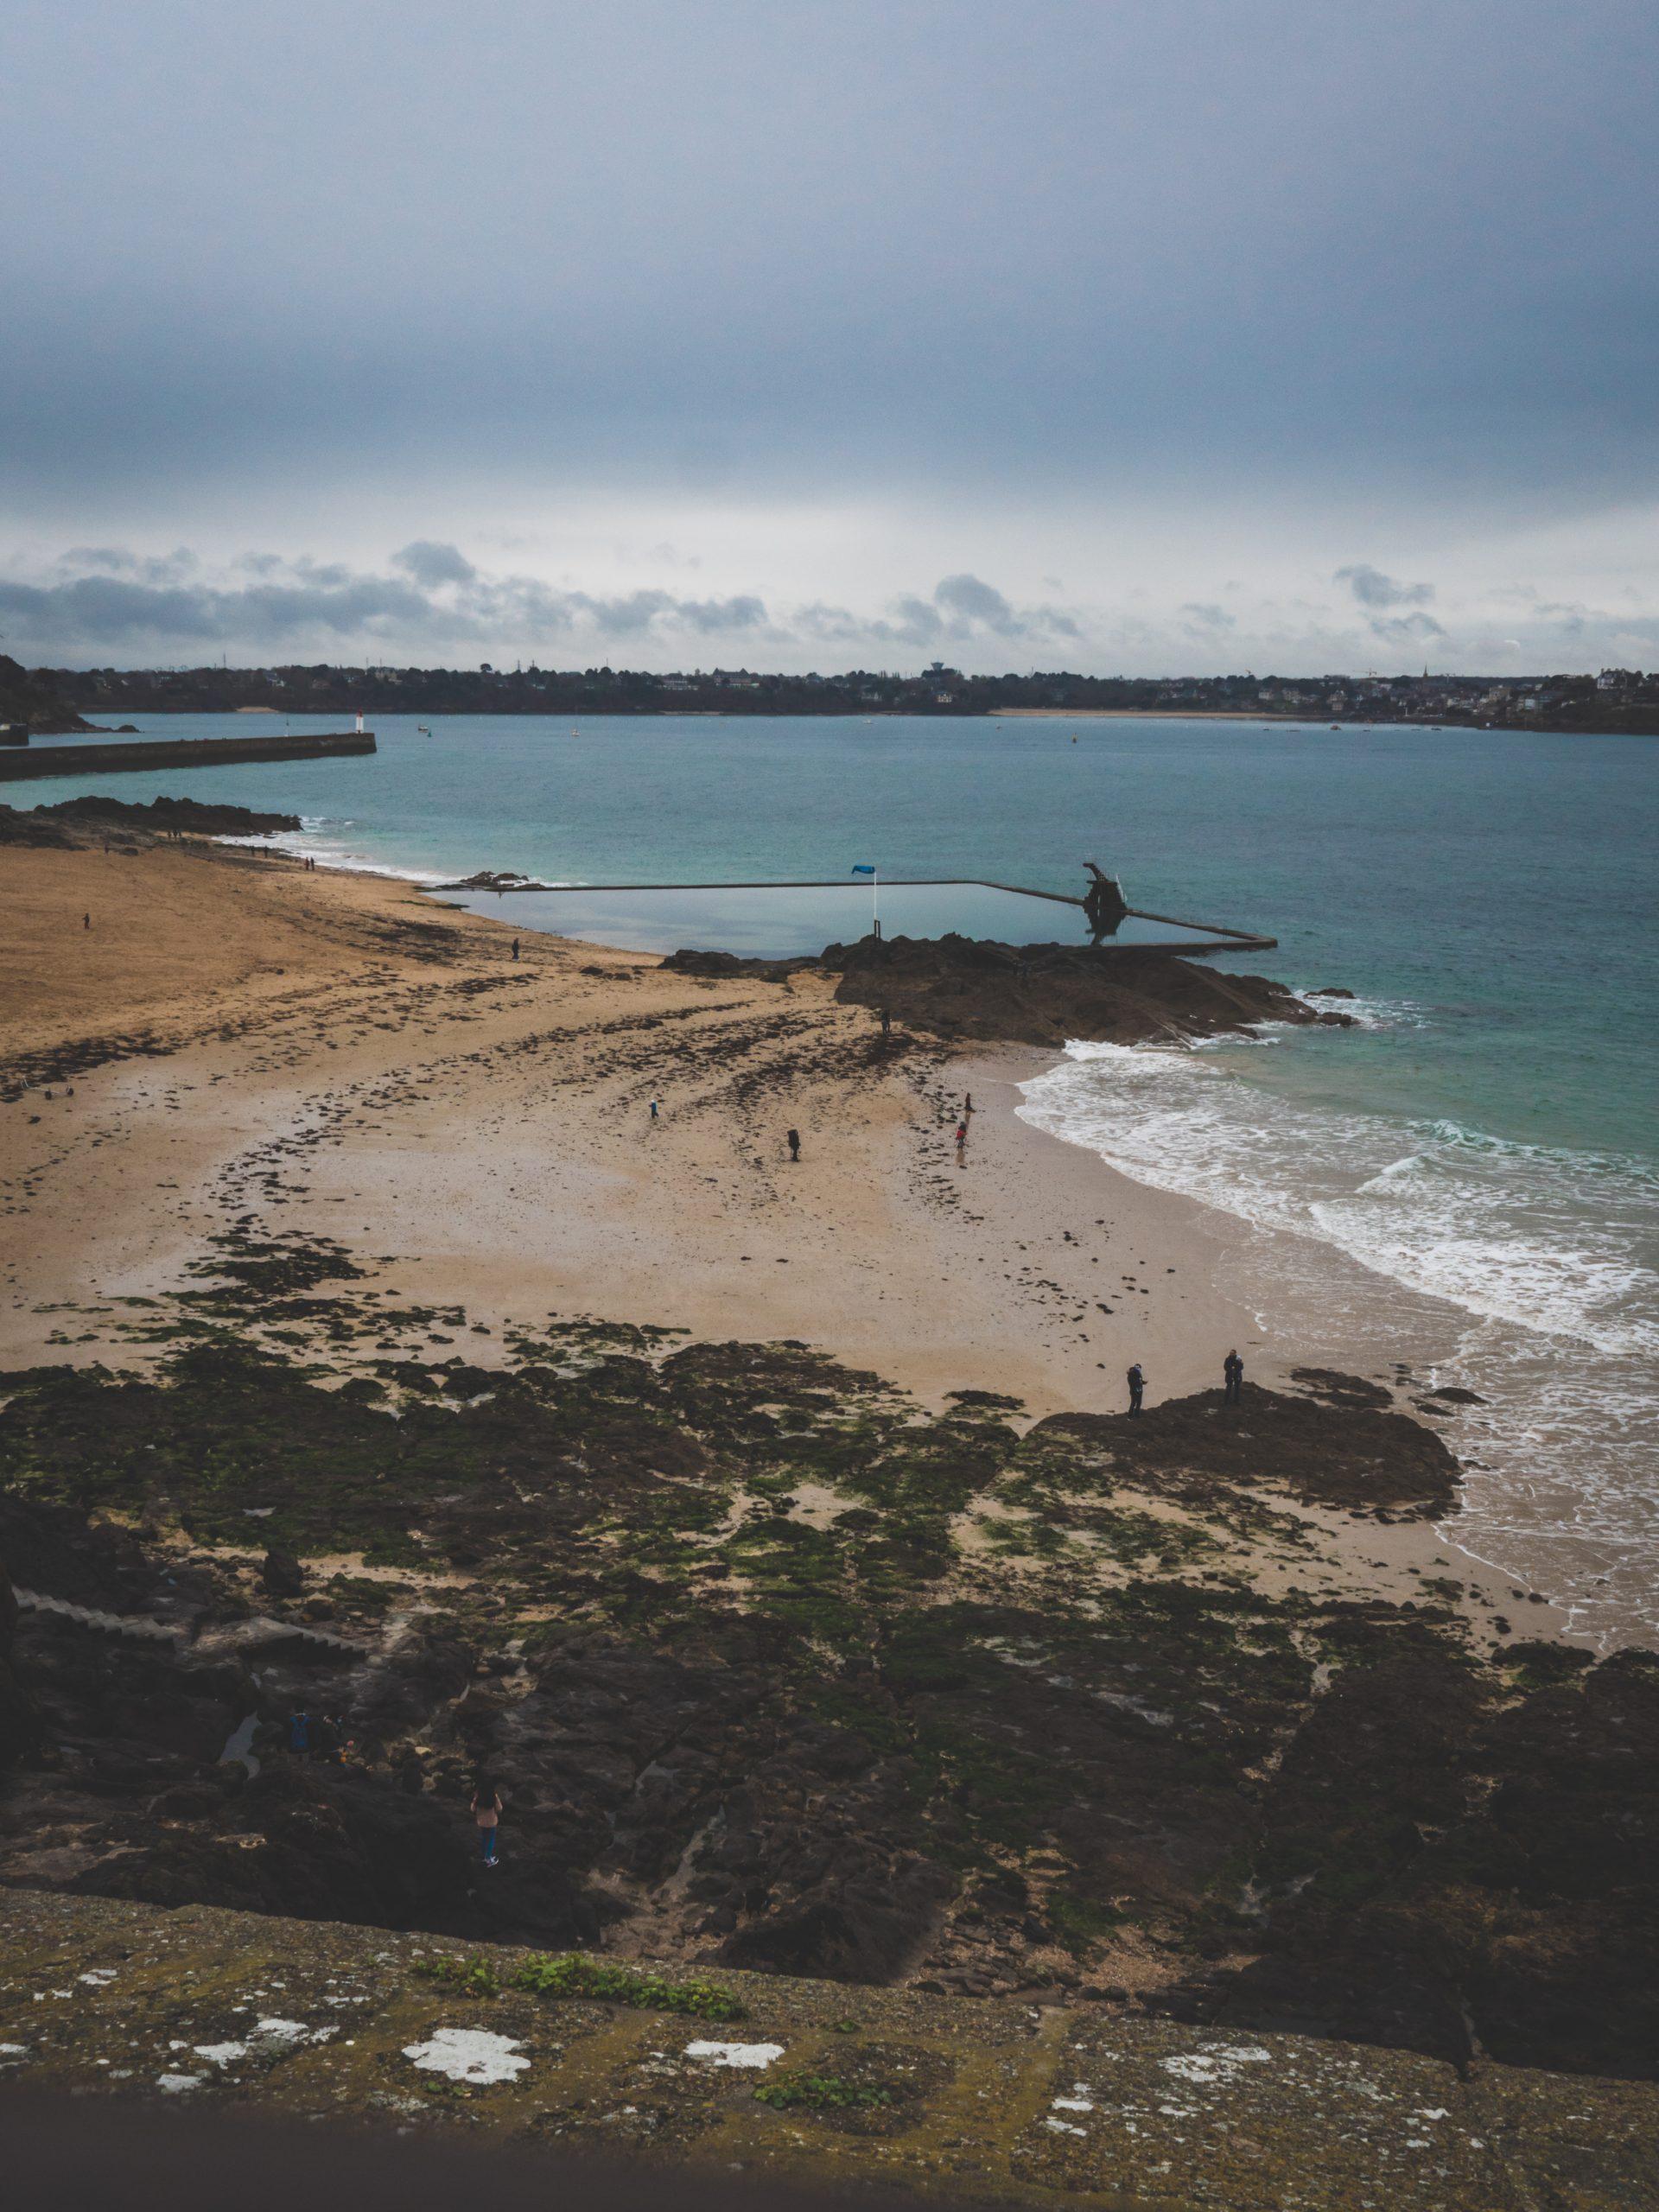 Piscine de la plage Bon Secours à Saint-Malo